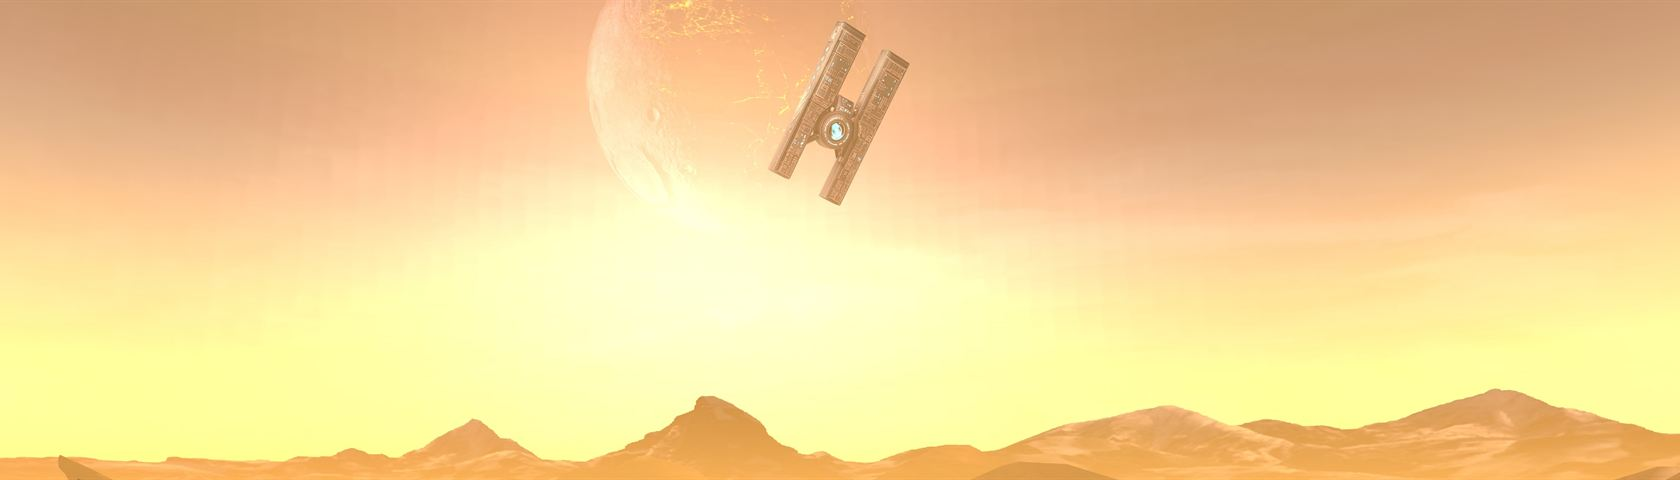 The Dust Landscape